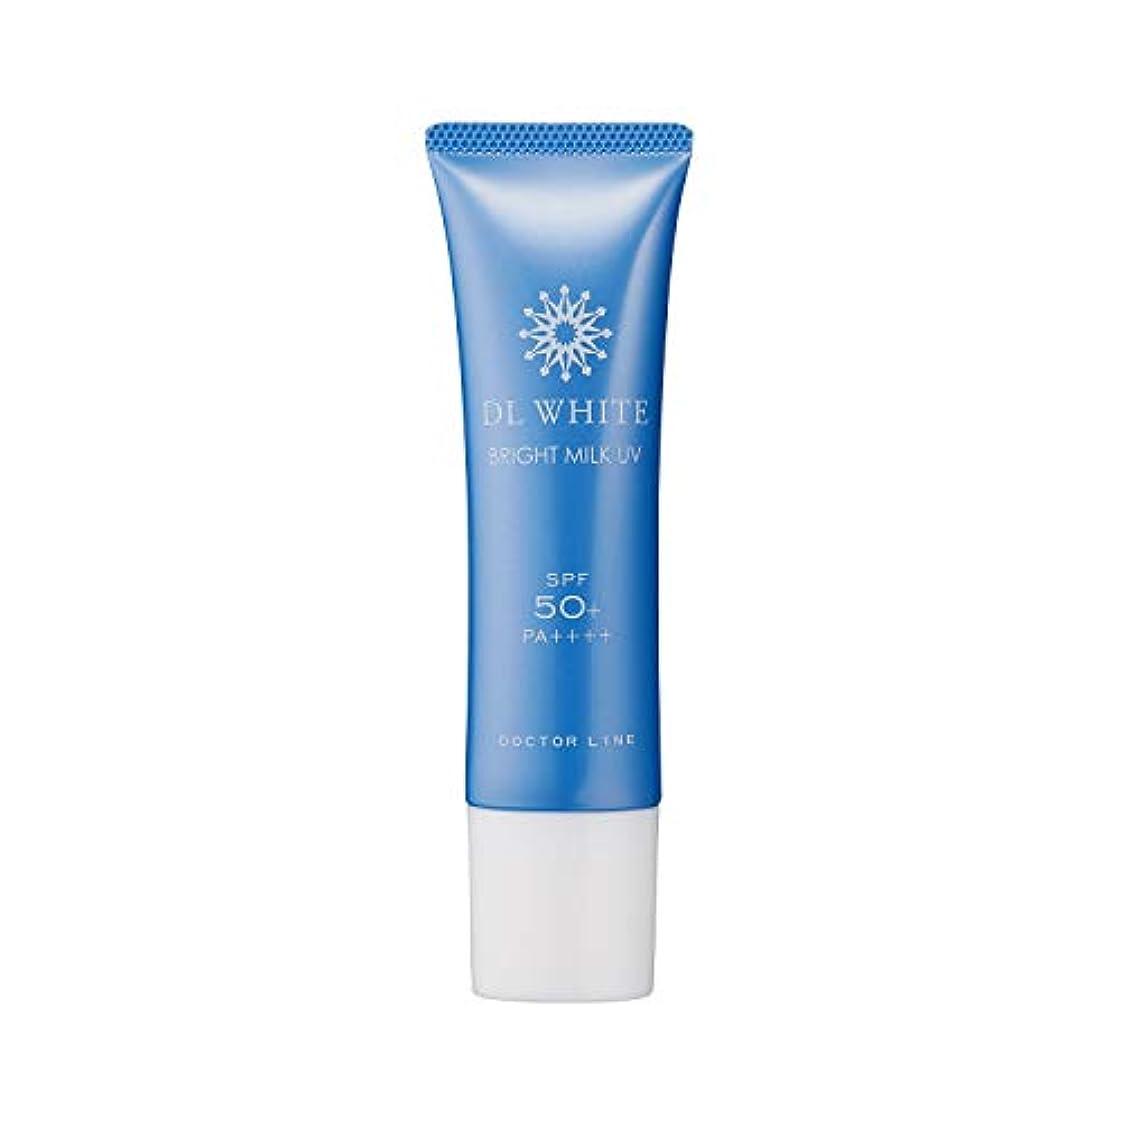 到着飢饉腸ドクターライン(Doctor Line) DLホワイト ブライトミルク UV(SPF50+ PA++++) 30g